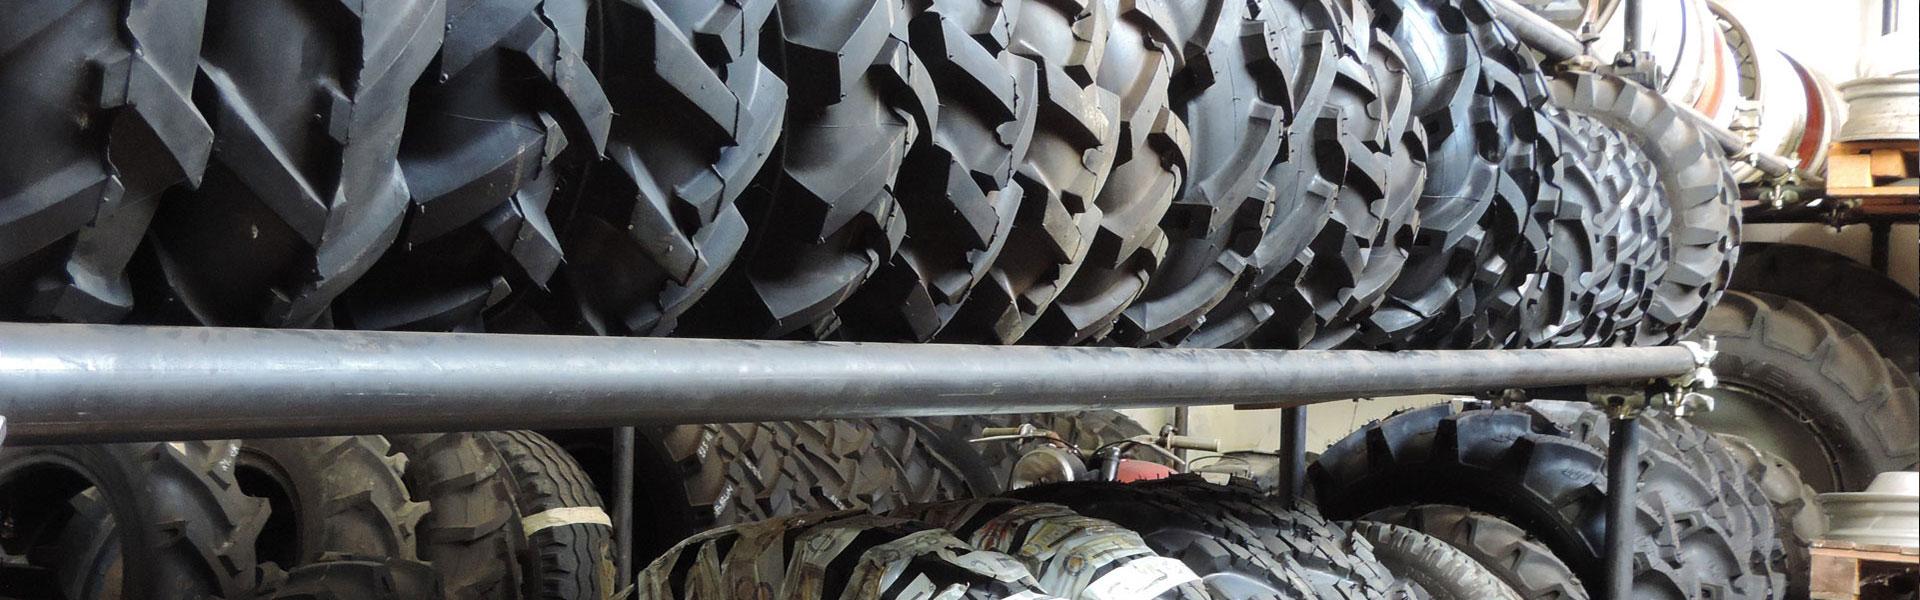 03-officina-riparazioni-ricci-trattori